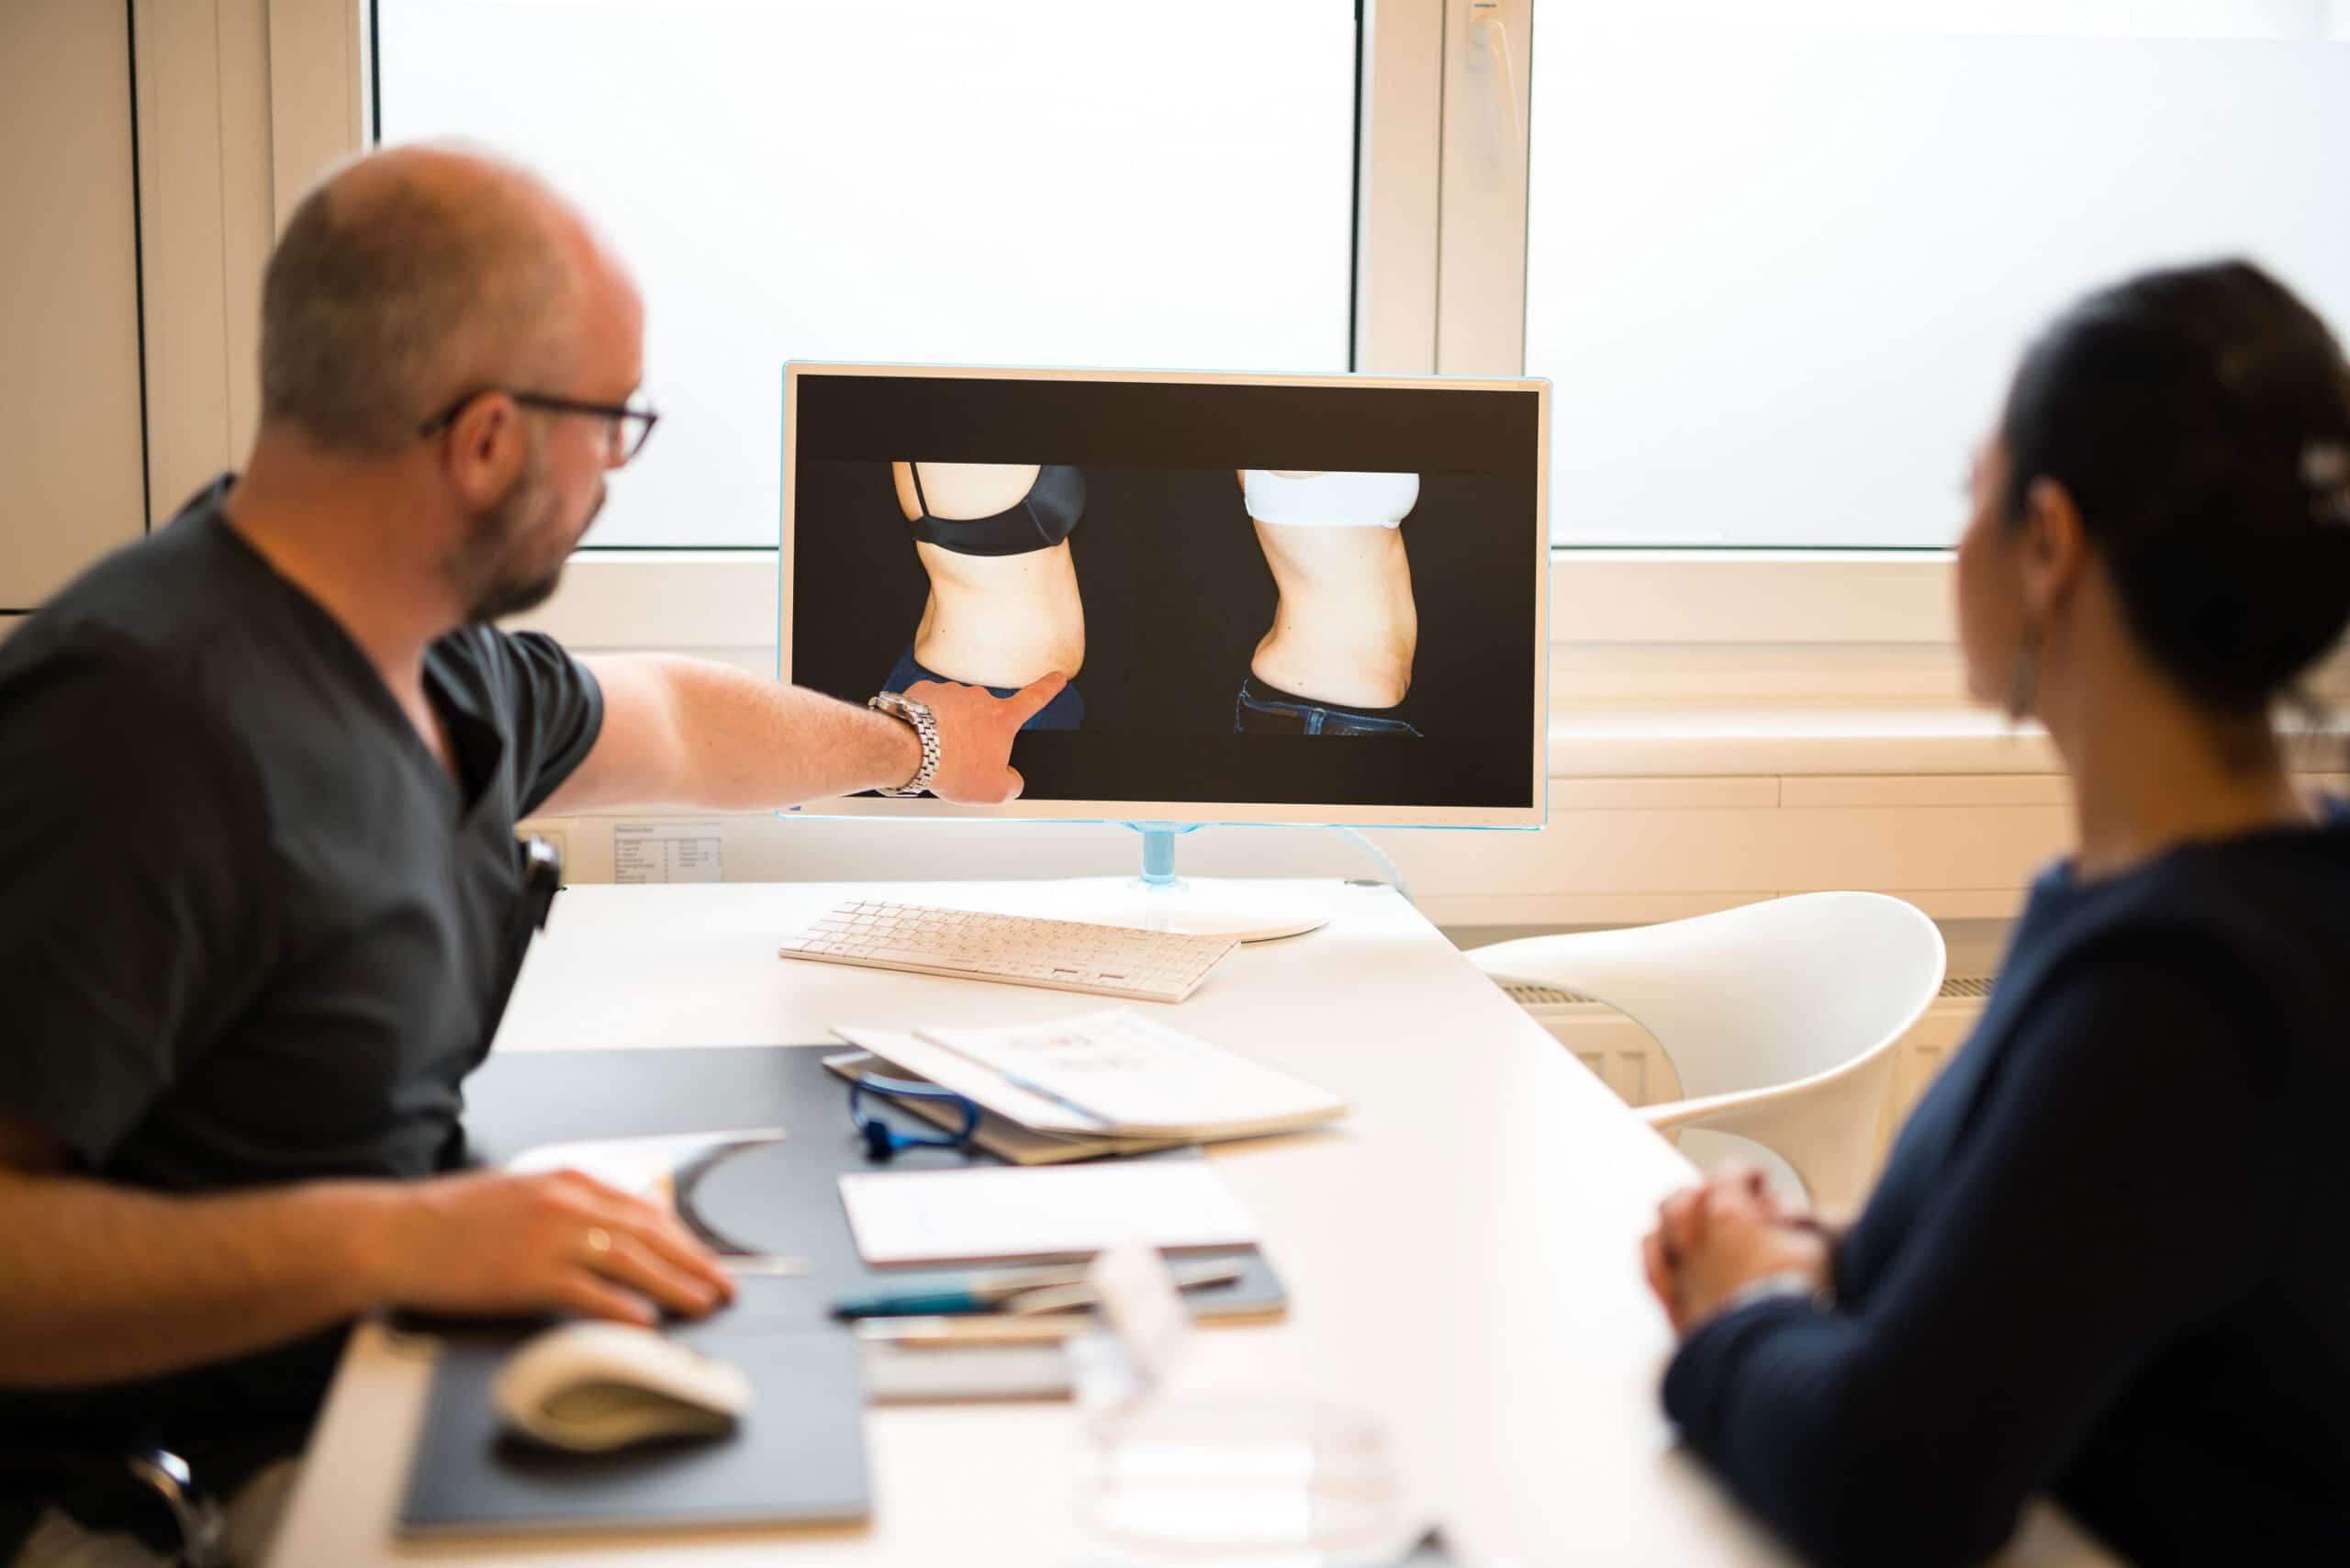 1. Am Beginn jedes ärztlichen Beratungsgespräches steht immer die exakte Patientenanamnese, eine detaillierte Erklärung der Behandlungsoptionen, die Erläuterungen der Technologie und Technik sowie eine ausführliche Demonstration möglicher Behandlungsergebnisse.